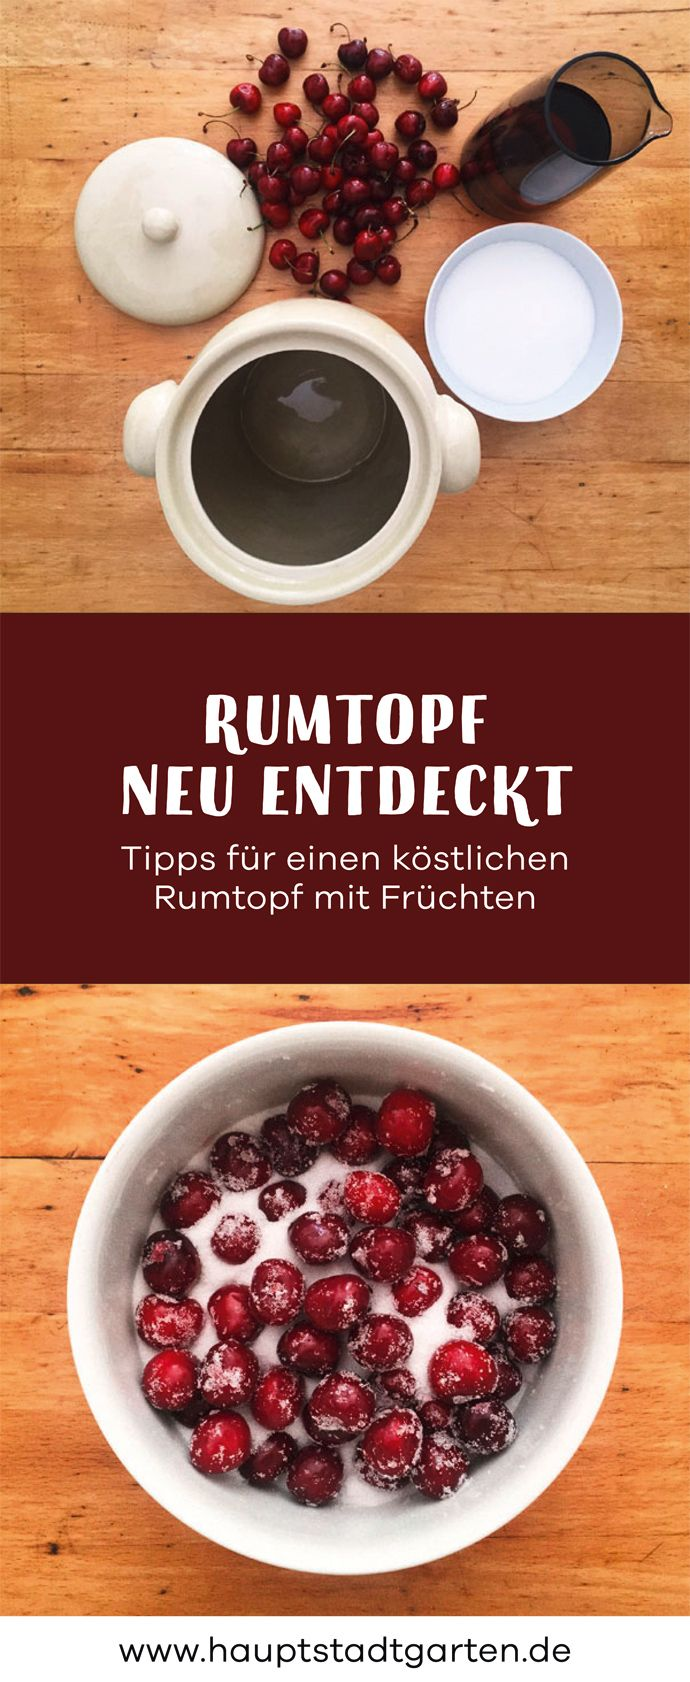 Rezept für einen köstlichen Rumtopf mit verschiedenen Früchten wie Kirschen, Heidelbeeren, Sauerkirschen, Aprikosen, Stachelbeeren, Johannisbeeren.